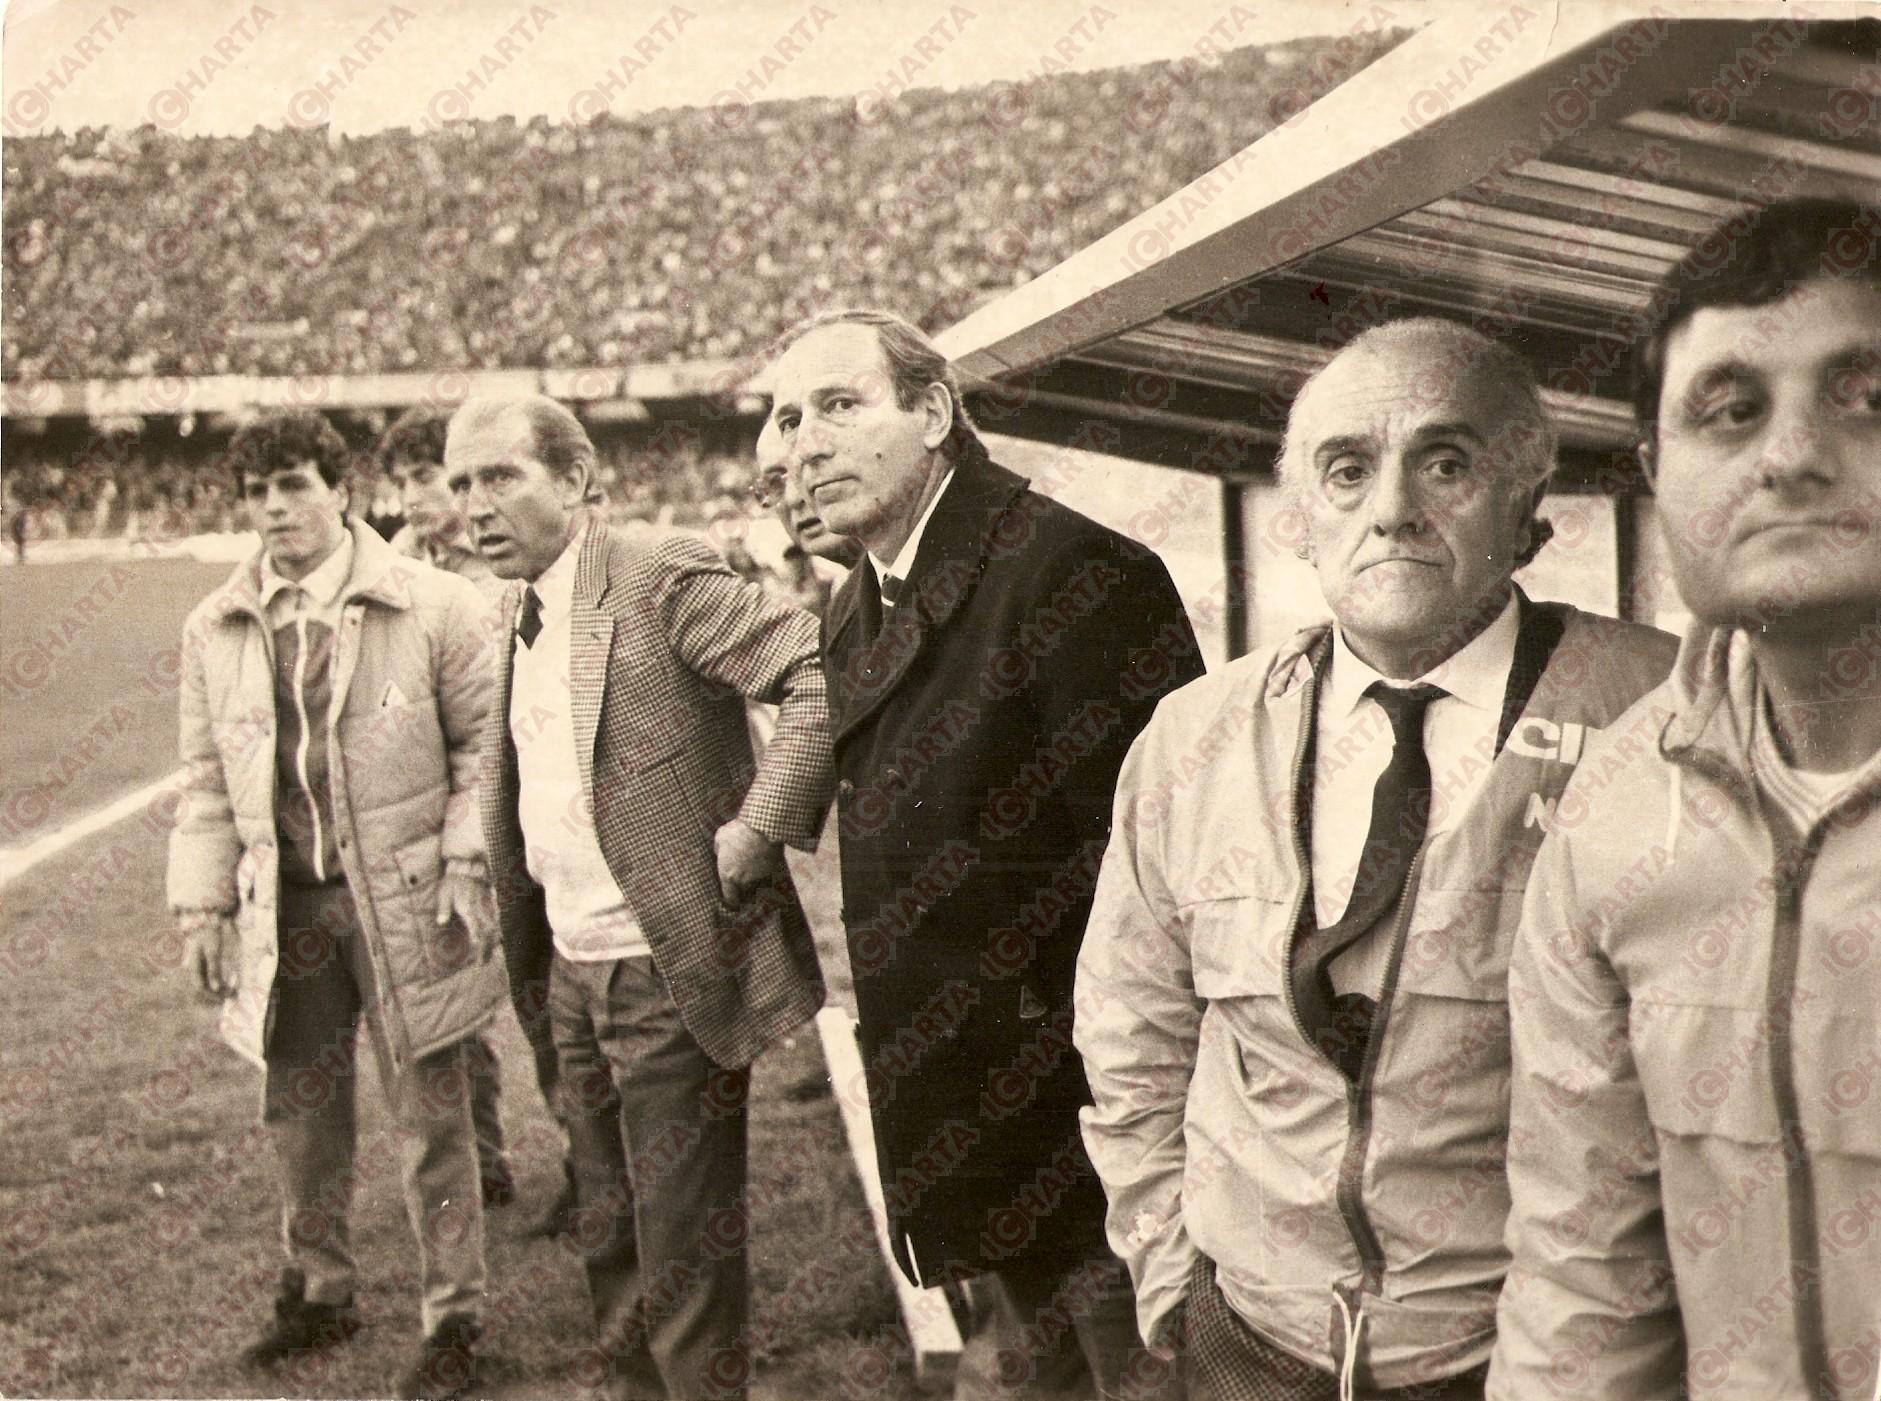 Sarri l'esordiente più anziano sulla panchina del Napoli. Poco esperto come Vinicio, Marchesi, Bianchi e Bigon